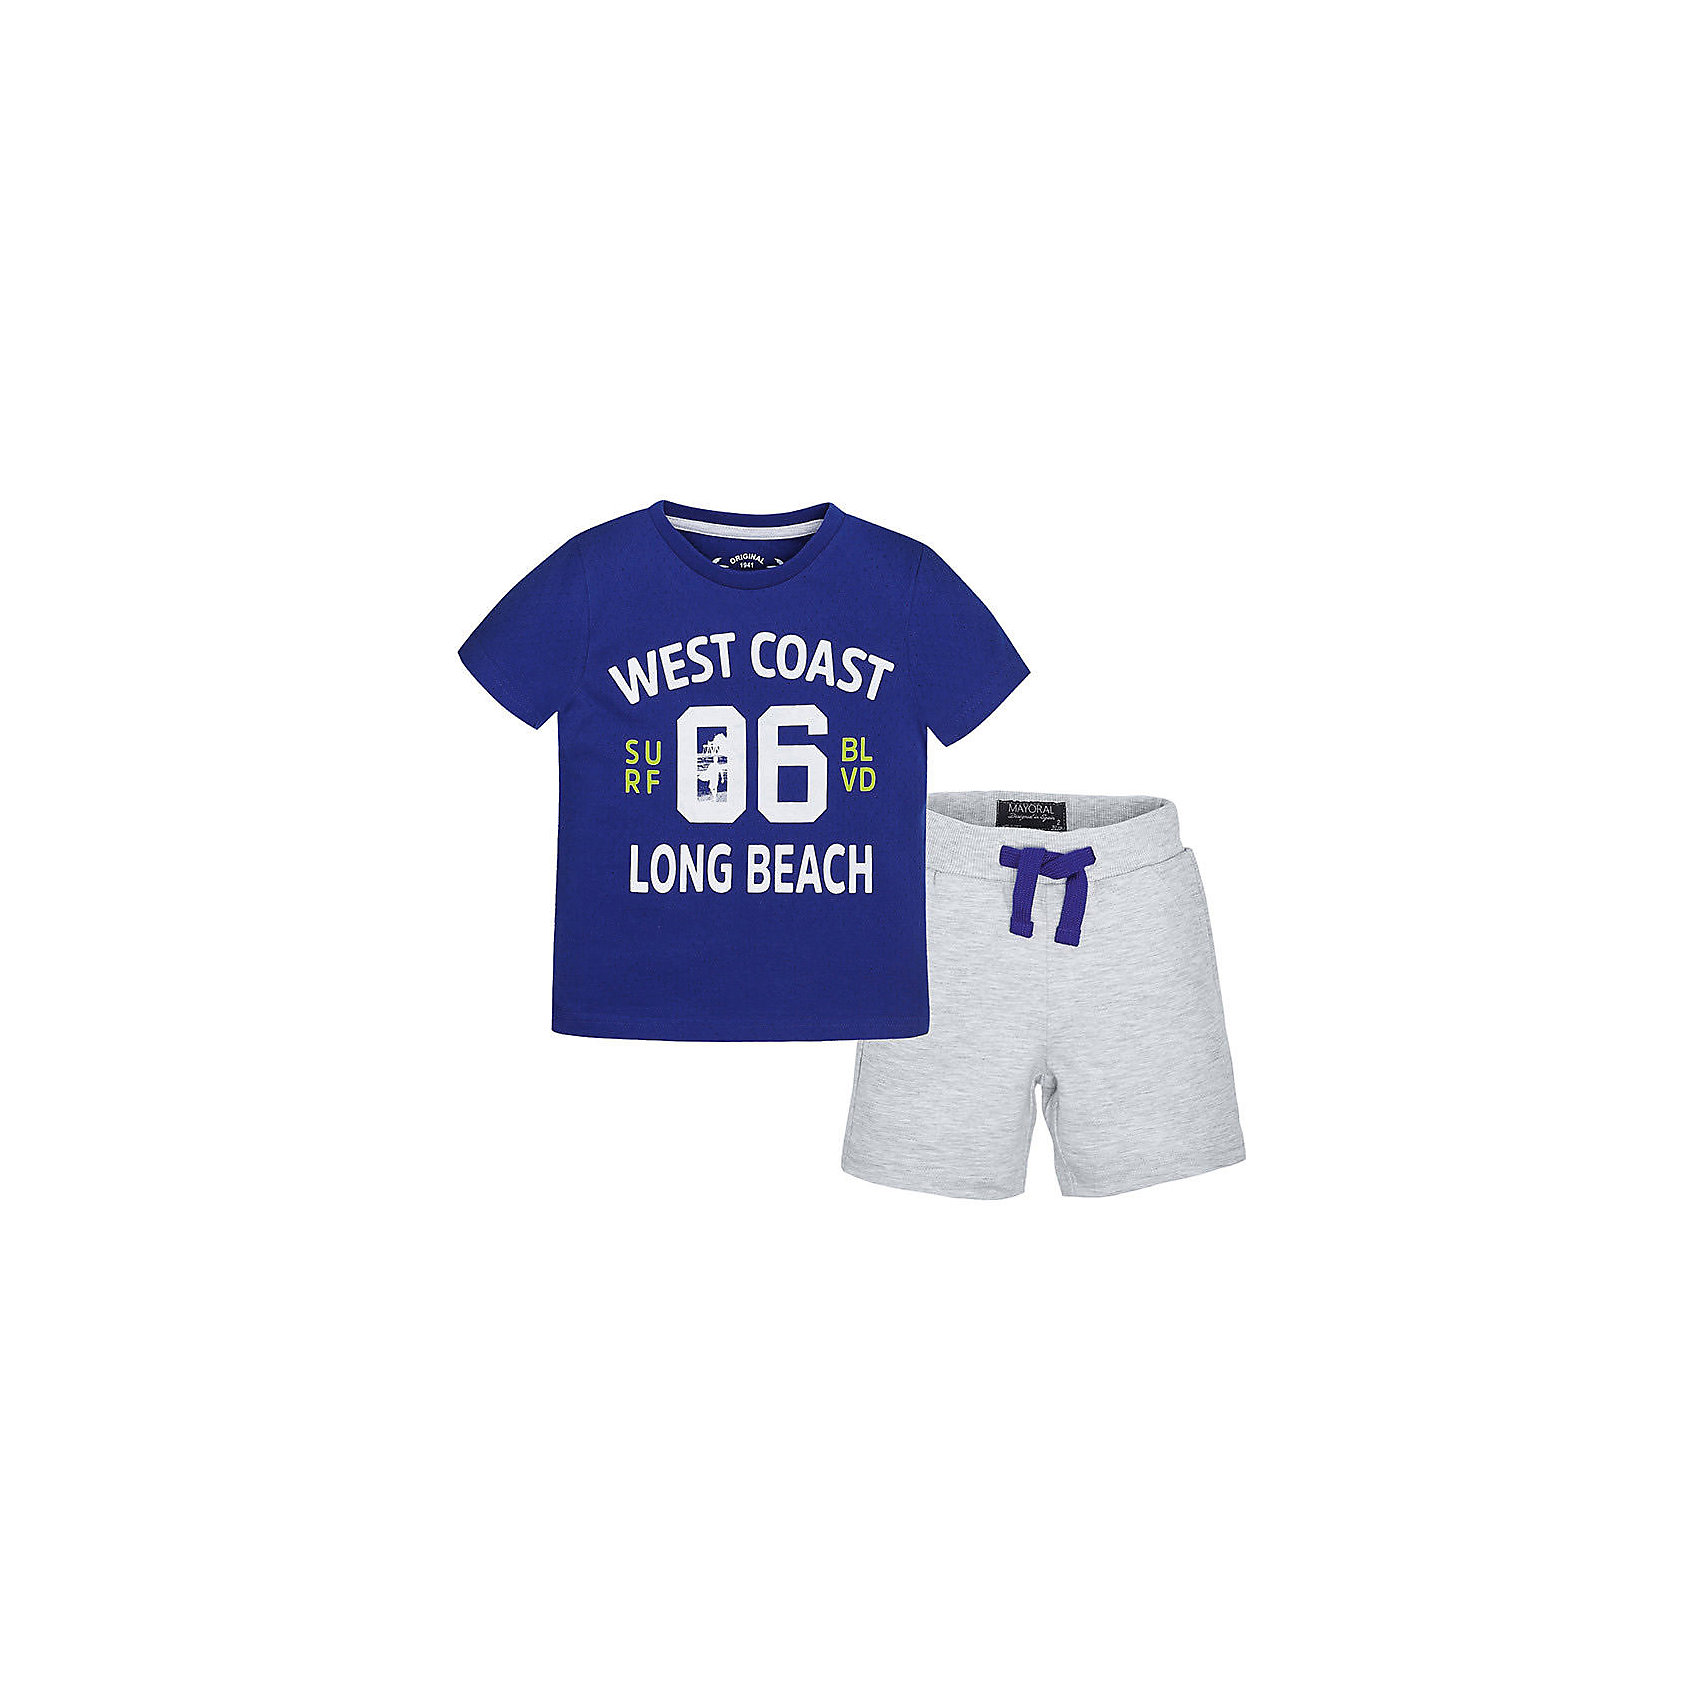 Комплект для мальчика: футболка и шорты MayoralКомплект: футболка и шорты для мальчика от известной испанской марки Mayoral <br><br>Модная футболка с шортами от Mayoral особенно актуальны в теплое время года! Она прекрасно сочетаются и с другими вещами.  Модель выполнена из качественных материалов, отлично сидит по фигуре.<br><br>Особенности модели:<br><br>- цвет: серый, синий;<br>- принт;<br>- шорты - на резинке и шнурке;<br>- натуральный материал.<br><br>Дополнительная информация:<br><br>Состав: 98% хлопок, 2% полиэстер<br><br>Комплект: футболка и шорты для мальчика Mayoral (Майорал) можно купить в нашем магазине.<br><br>Ширина мм: 199<br>Глубина мм: 10<br>Высота мм: 161<br>Вес г: 151<br>Цвет: белый<br>Возраст от месяцев: 72<br>Возраст до месяцев: 84<br>Пол: Мужской<br>Возраст: Детский<br>Размер: 104,128,110,122,116,134,98<br>SKU: 4542682